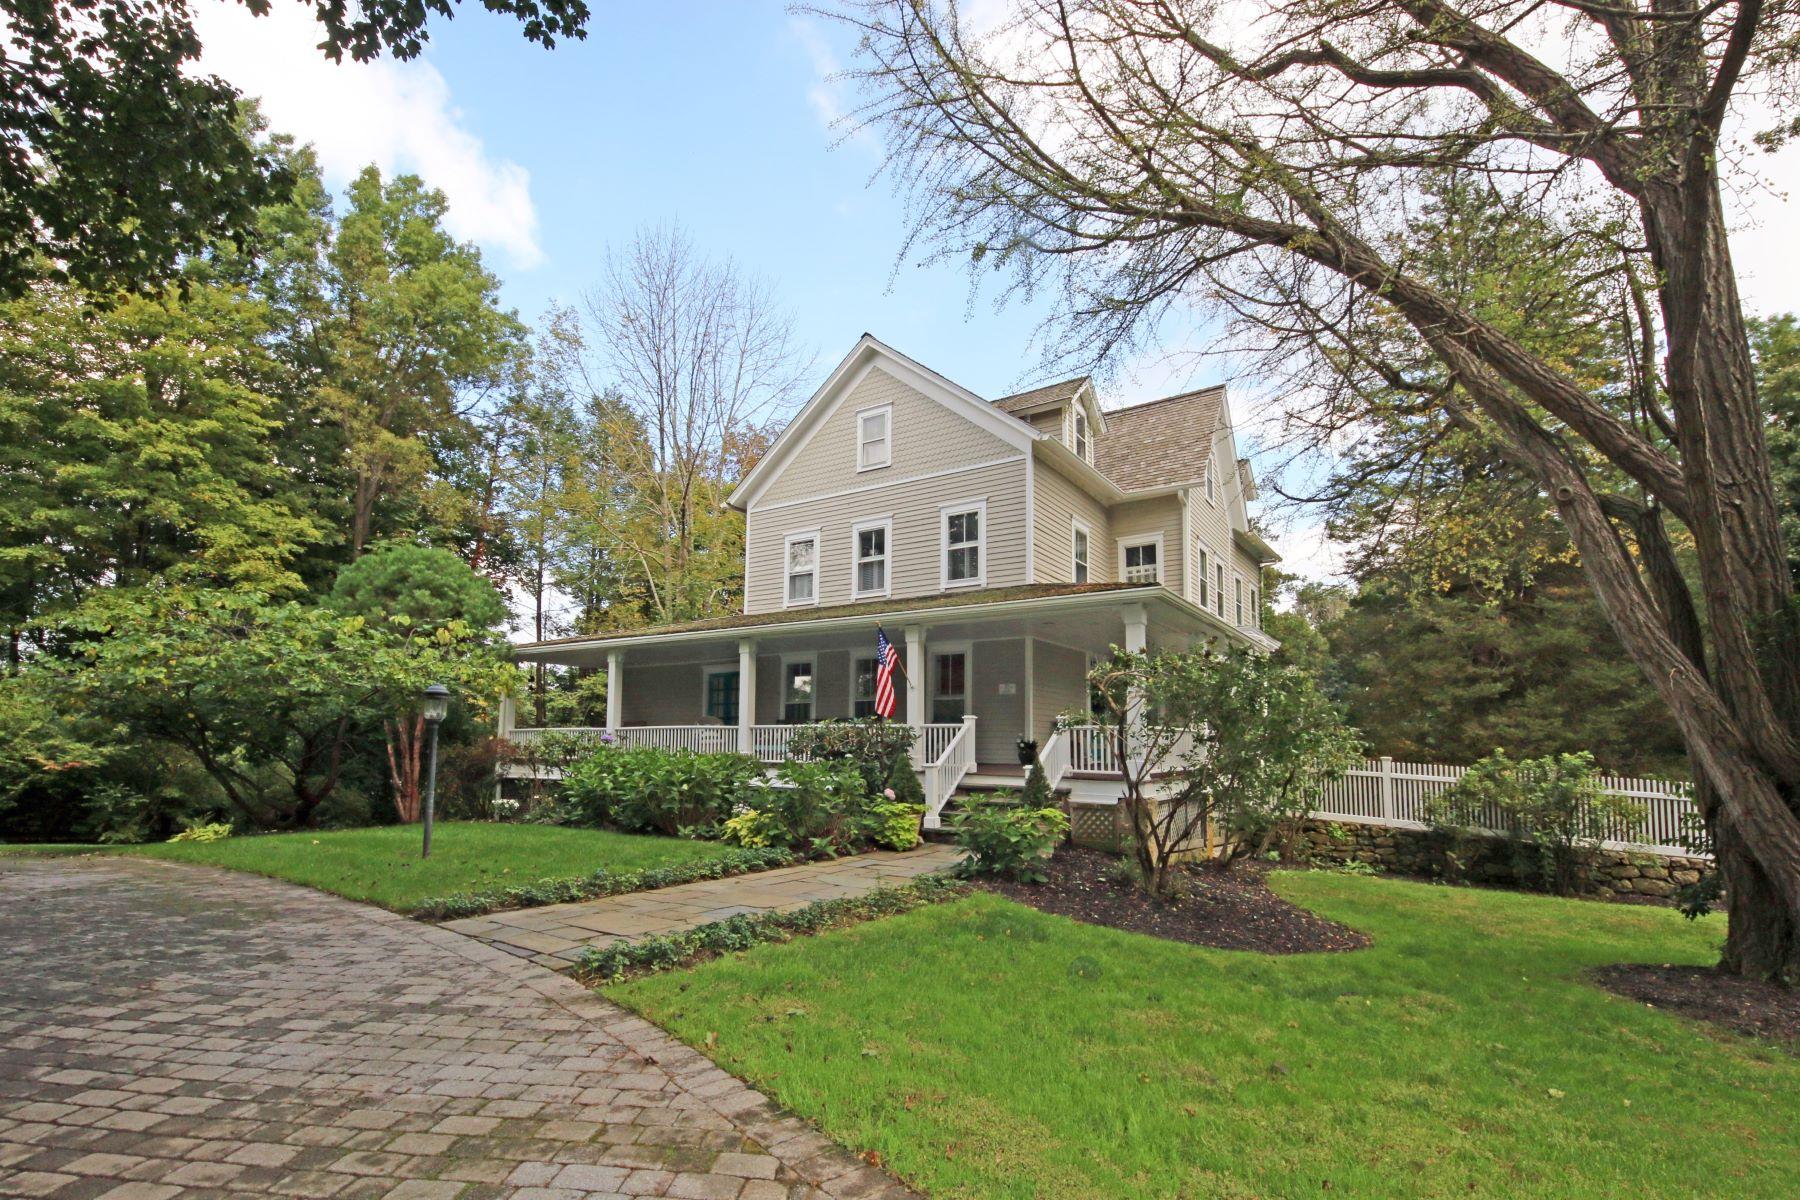 独户住宅 为 销售 在 Historic Ridgefield Treasure 50 High Ridge Avenue 里奇菲尔德, 康涅狄格州 06877 美国